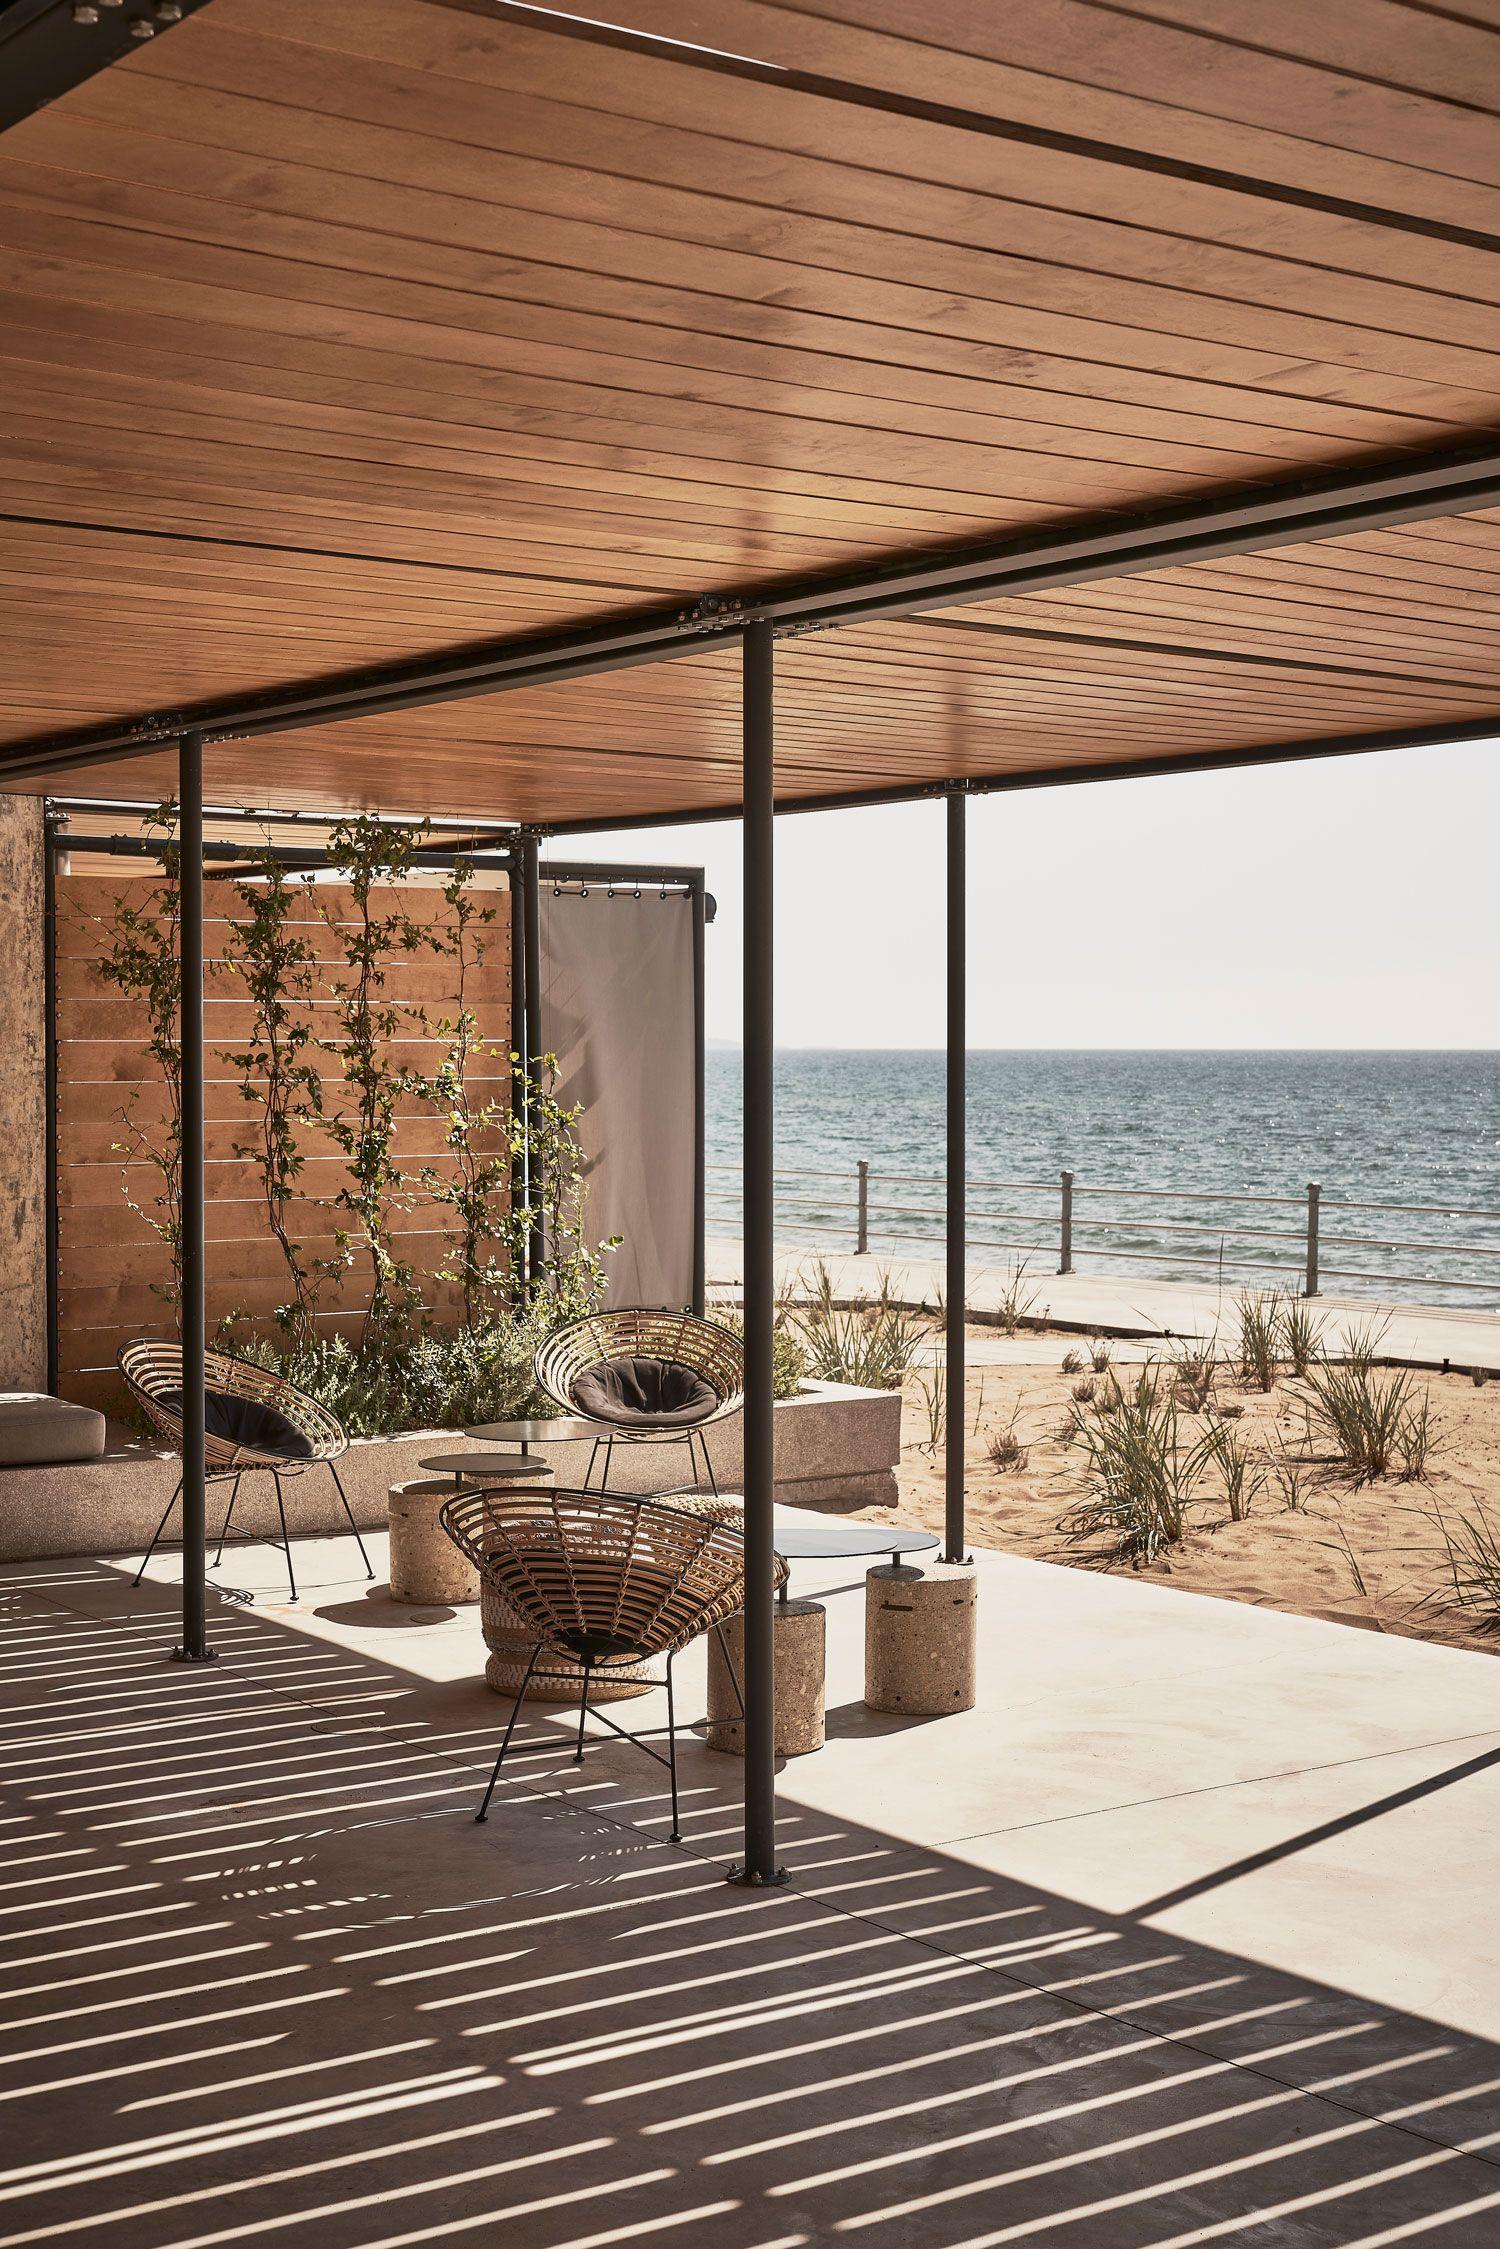 Dexamenes seaside hotel in kourouta greece by k studio yellowtrace